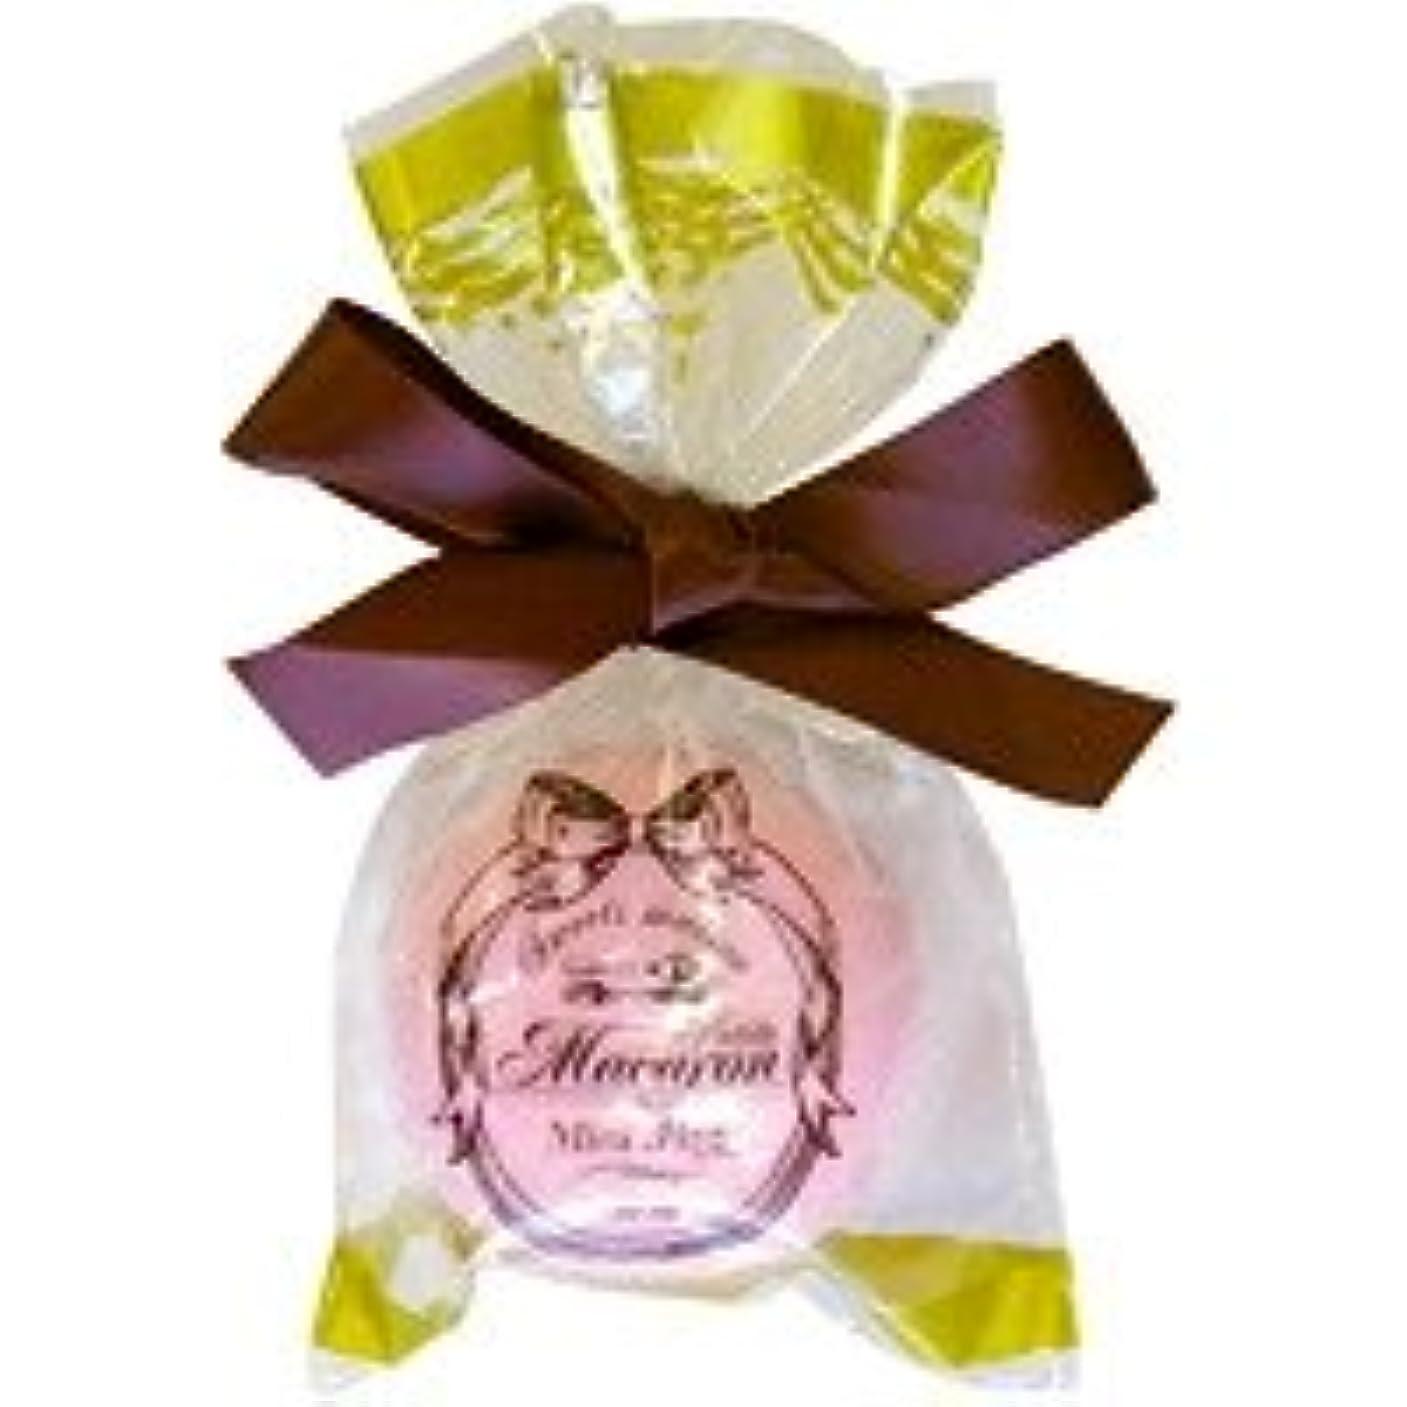 おかしい祈るバルクスウィーツメゾン プチマカロンフィズ「ピンク」12個セット 甘酸っぱいラズベリーの香り